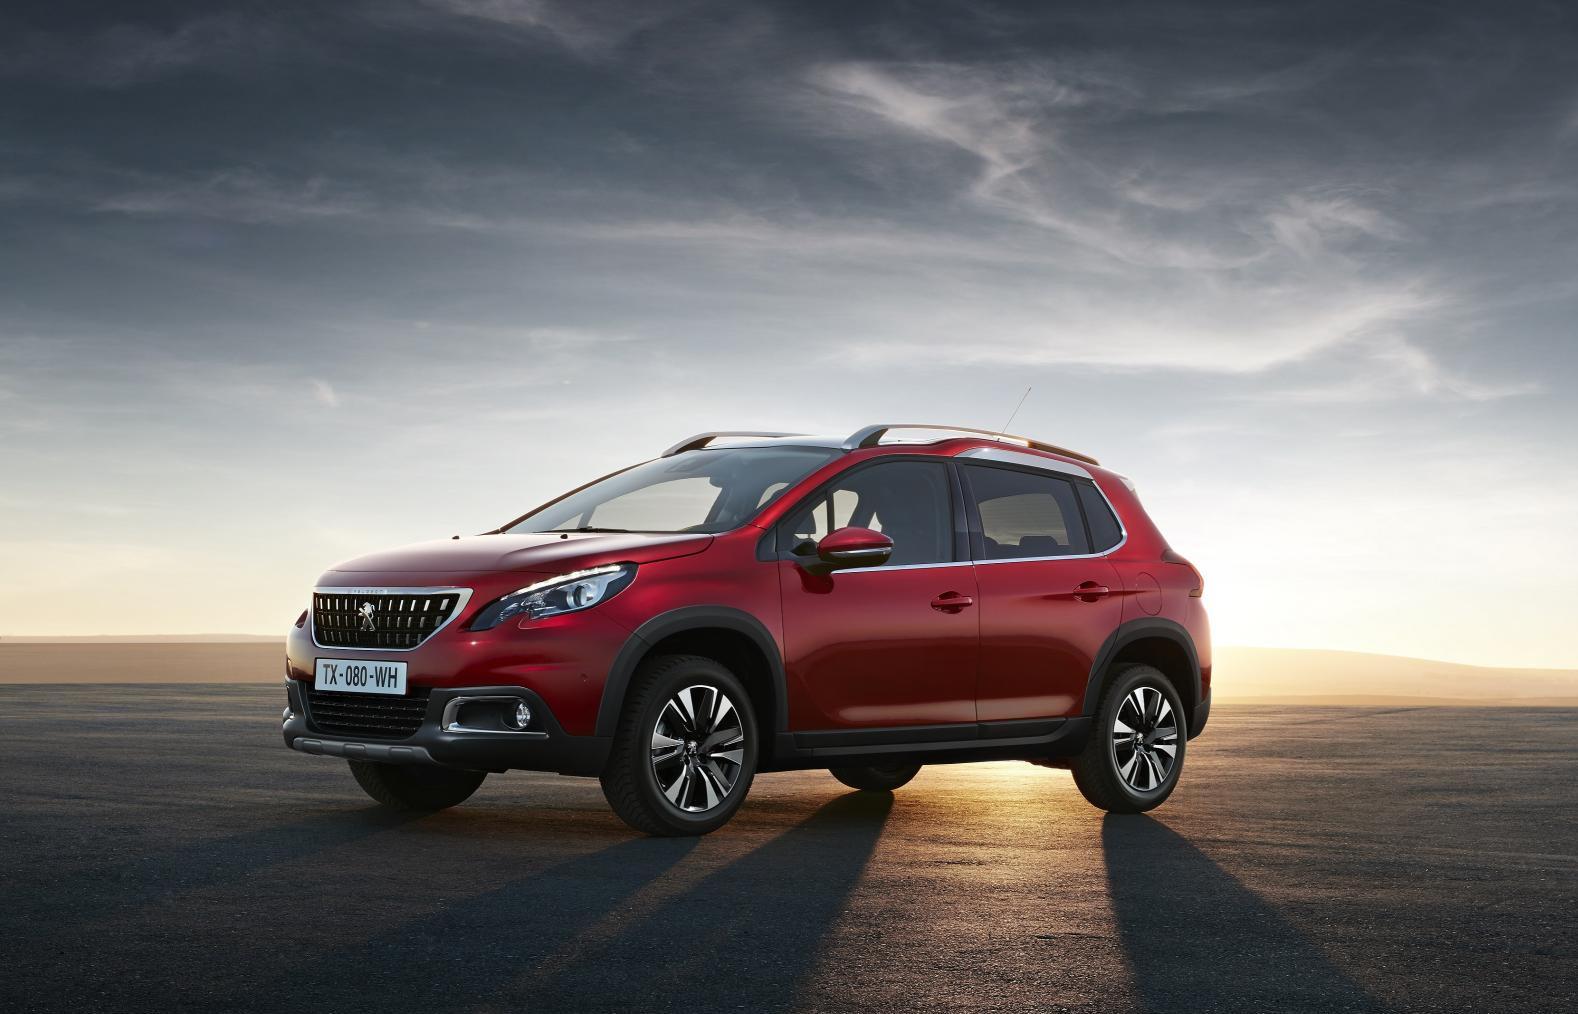 El Peugeot 2008 (Foto: Peugeot)